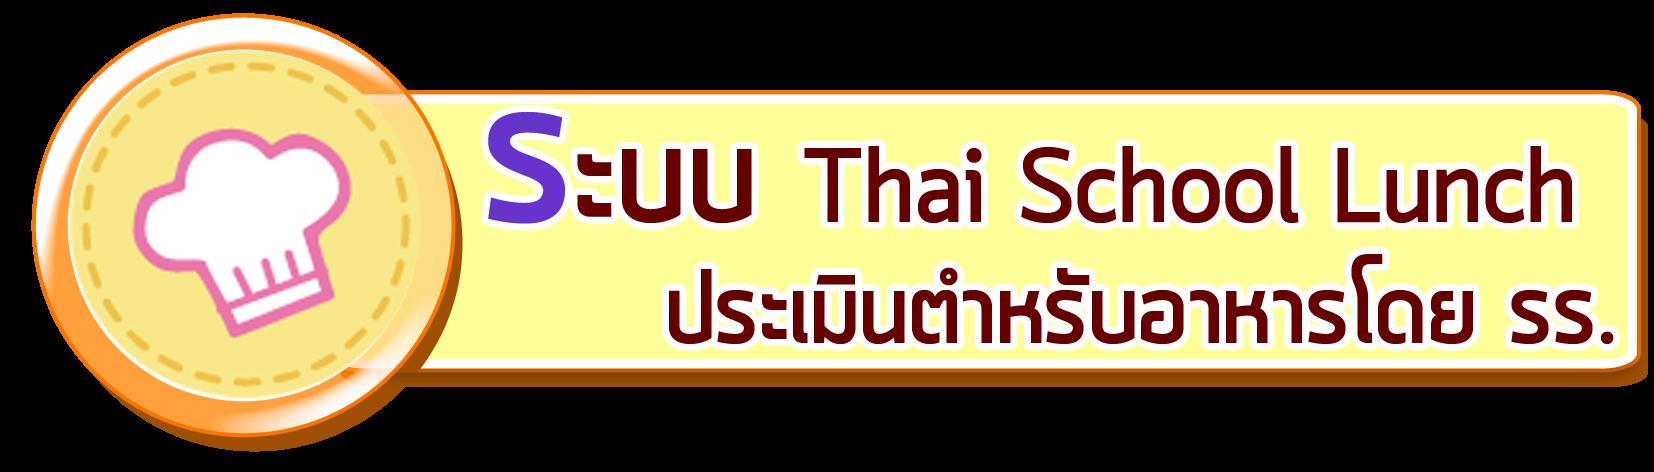 https://www.thaischoollunch.in.th/